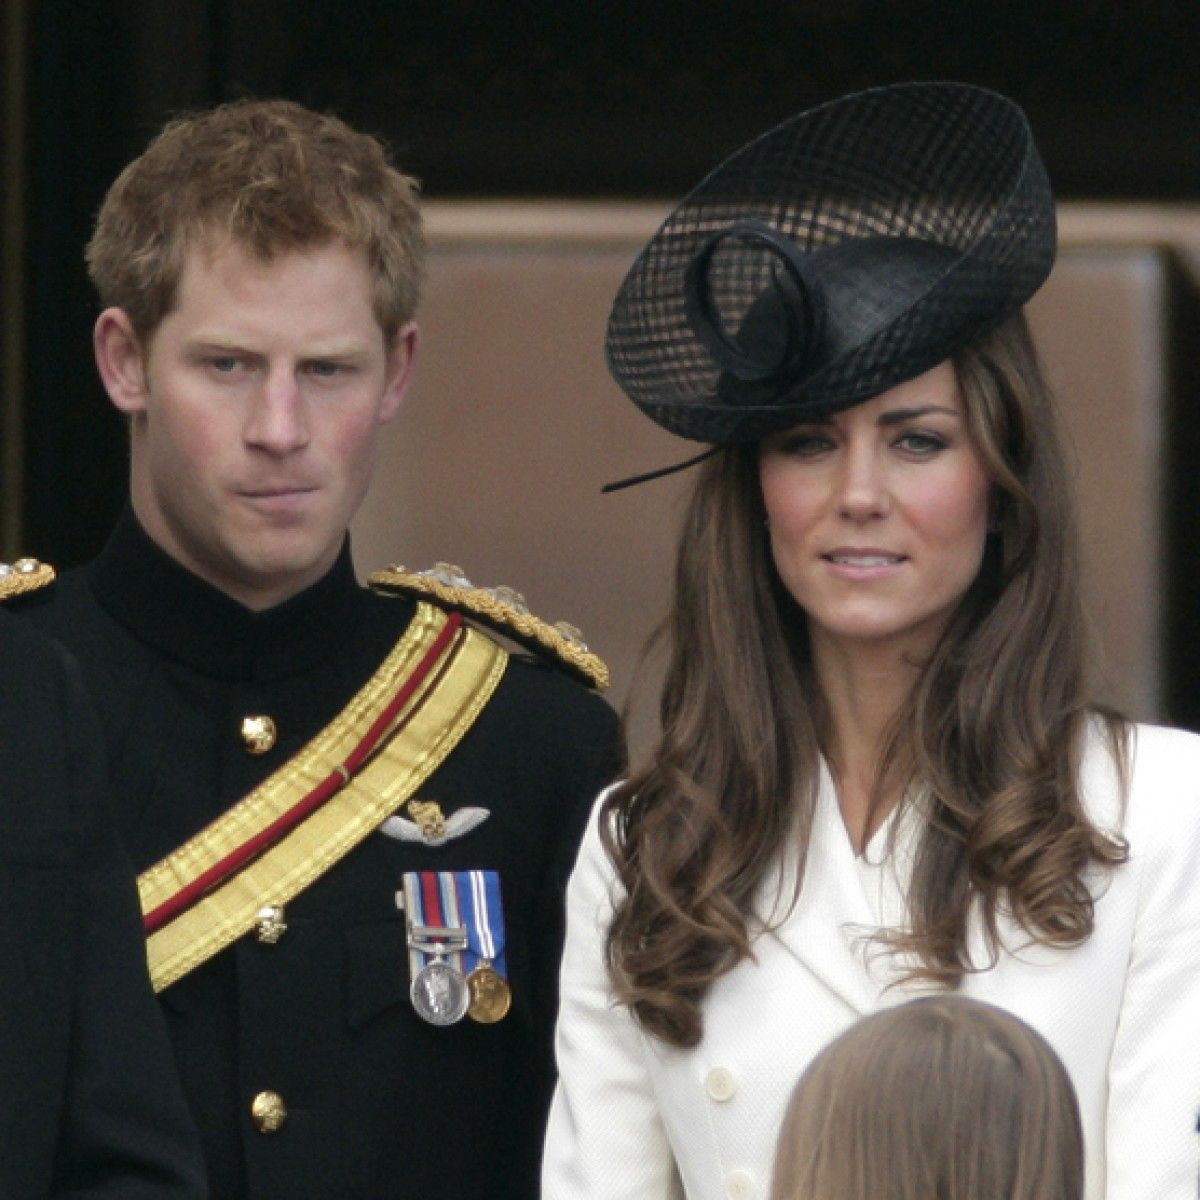 Kate Middleton Y El Príncipe Enrique Más Que Cuñados Amigos En 2020 Kate Middleton Princesas Príncipe Enrique